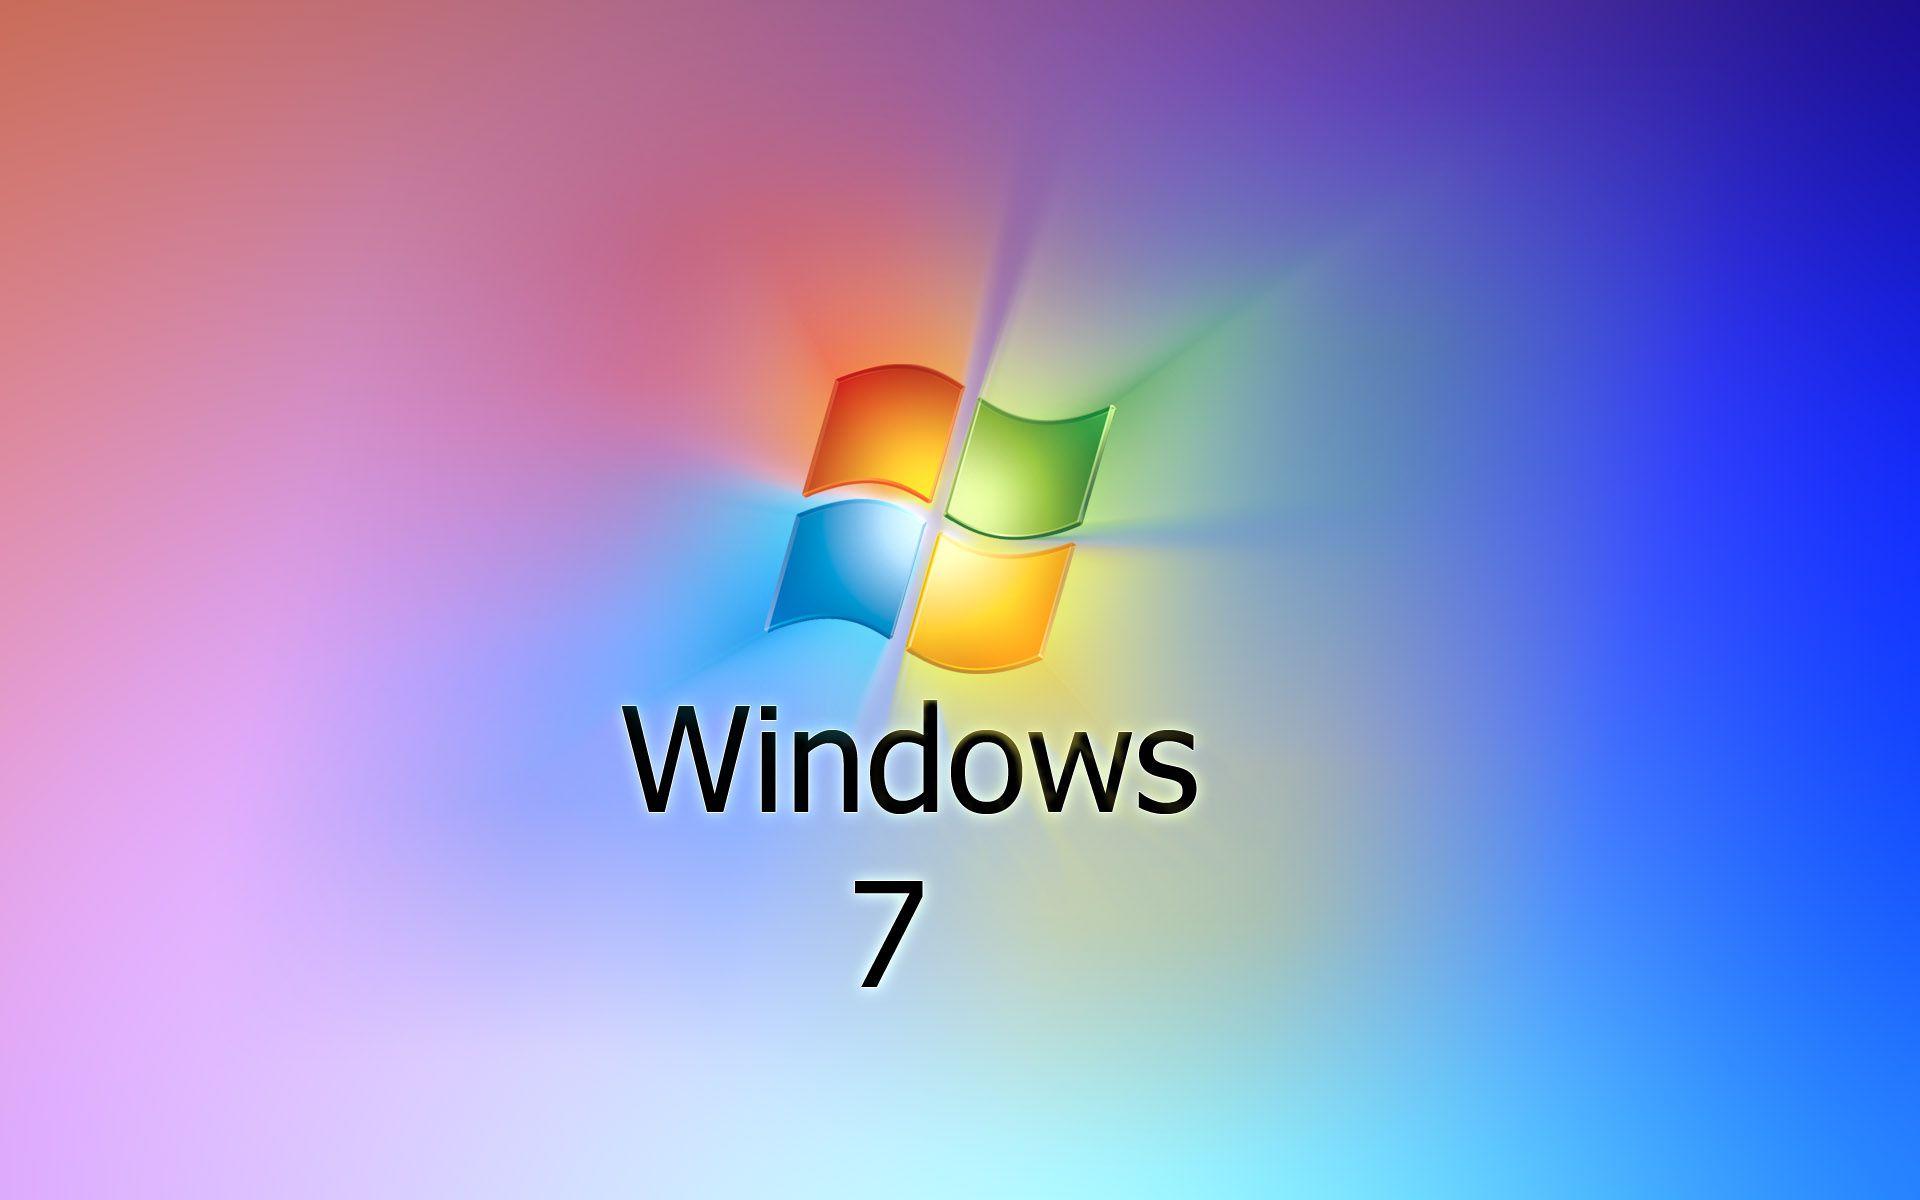 Windows 7 Desktop Wallpaper Computer screen wallpaper 1920x1200